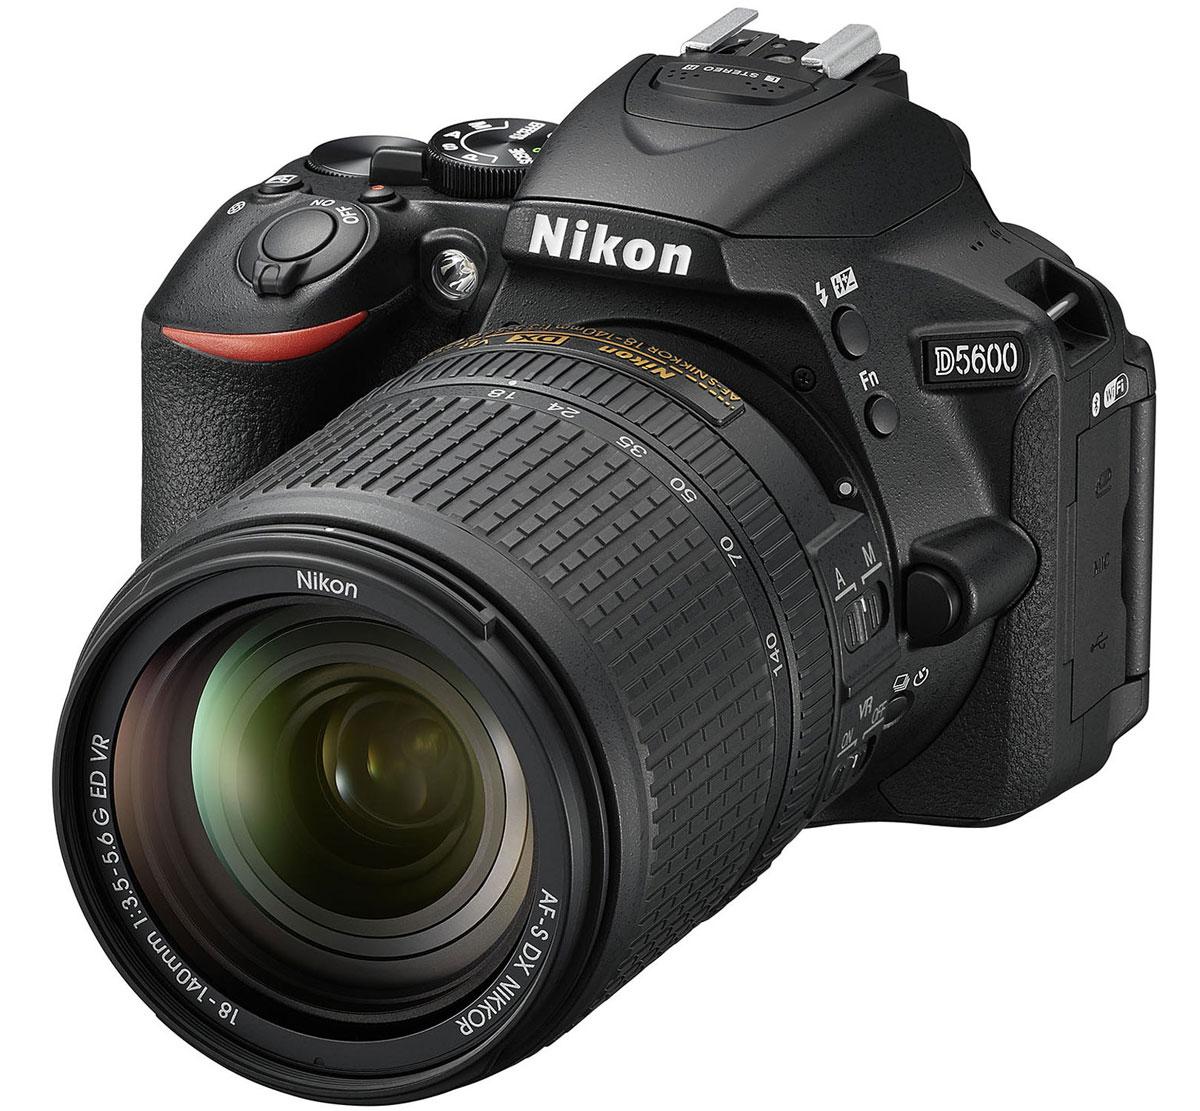 Nikon D5600 Kit 18-140 VR, Black цифровая зеркальная камераVBA500K002Следуйте за своим вдохновением, вооружившись фотокамерой Nikon D5600 с постоянным подключением. Фотокамера D5600, оснащенная большой матрицей формата DX с разрешением 24,2 млн пикселей, может четко воспроизводить тончайшие текстуры и создавать изображения с потрясающей детализацией. Ваши друзья и подписчики в социальных сетях увидят на каждом снимке именно то, что вы хотели показать. Диапазон чувствительности 100-25 600 единиц ISO и расширенная до 6400 единиц ISO чувствительность в режиме Ночной пейзаж позволяет с легкостью получать отличные результаты при недостаточной освещенности и сложных условиях освещения. Система обработки изображений EXPEED 4 обеспечивает превосходное понижение шума даже при высоких значениях чувствительности ISO. А благодаря широкому выбору сменных объективов NIKKOR вы сможете с легкостью создавать изображения с эффектно размытым фоном и богатыми тональными оттенками. Революционное приложение...